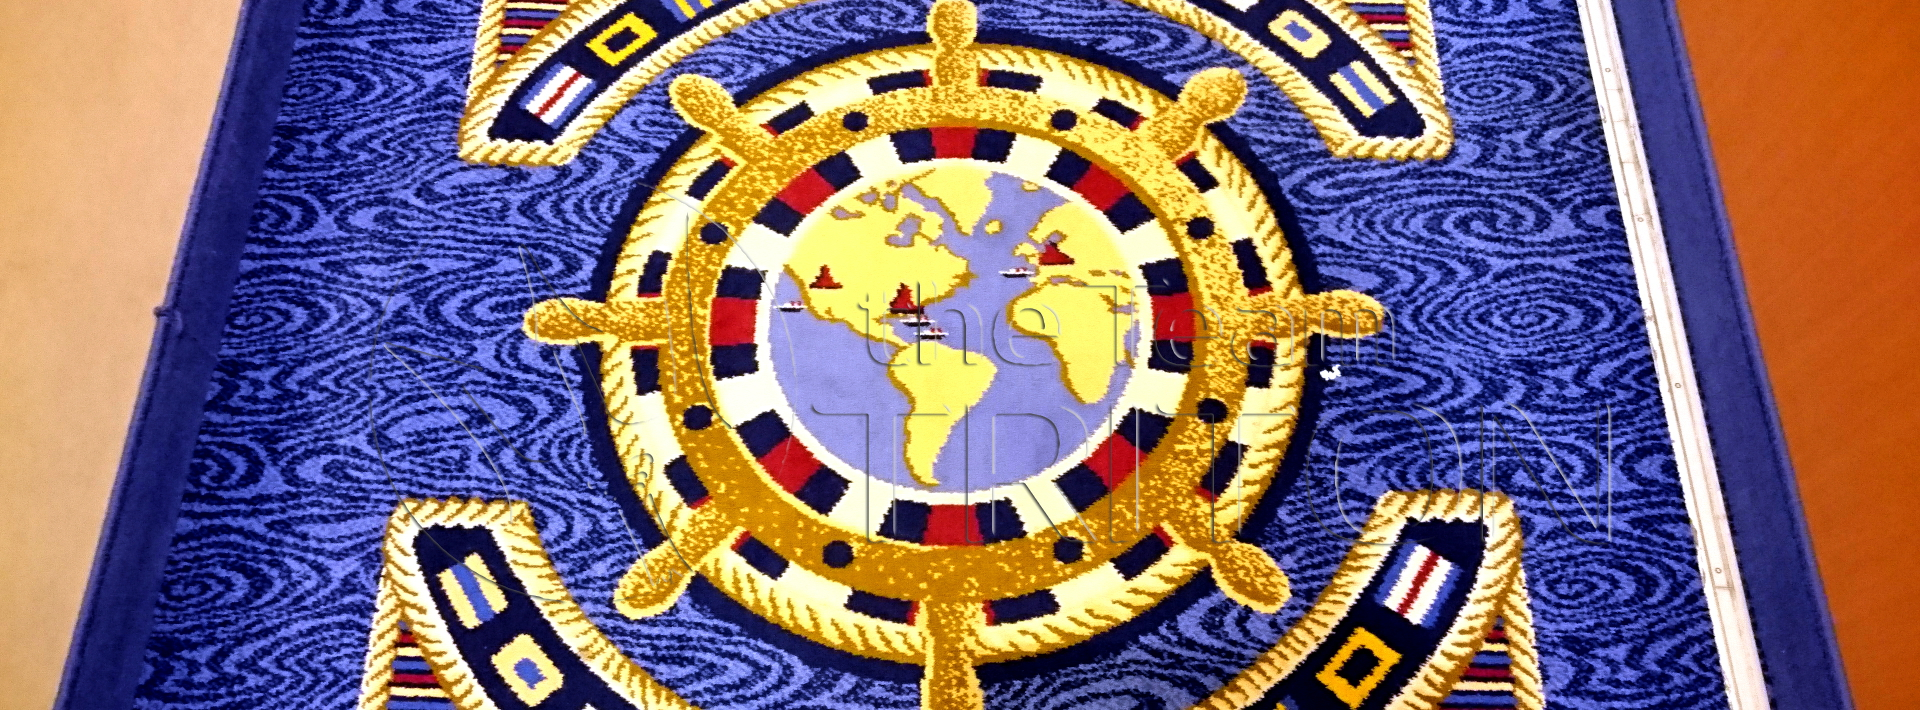 floor-logo-dcl